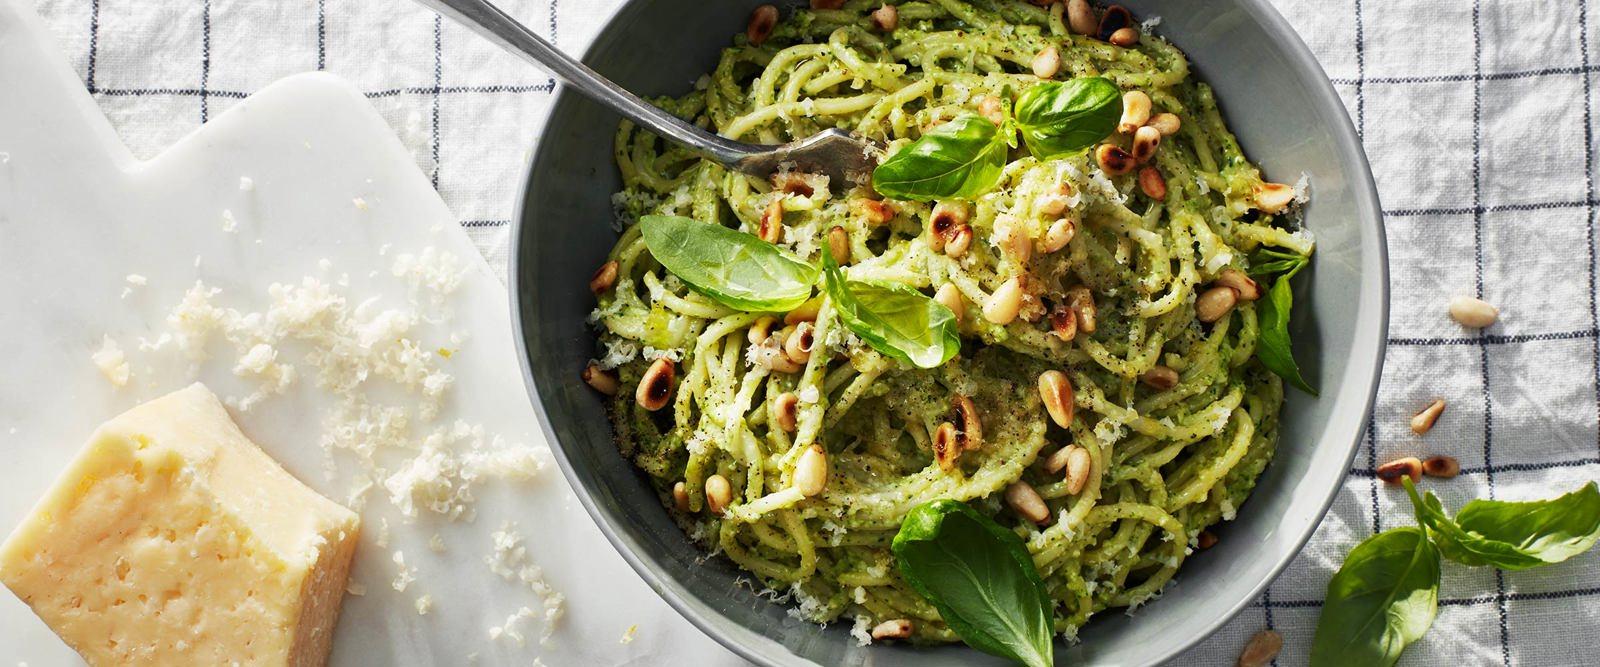 Snabba vegetariska recept